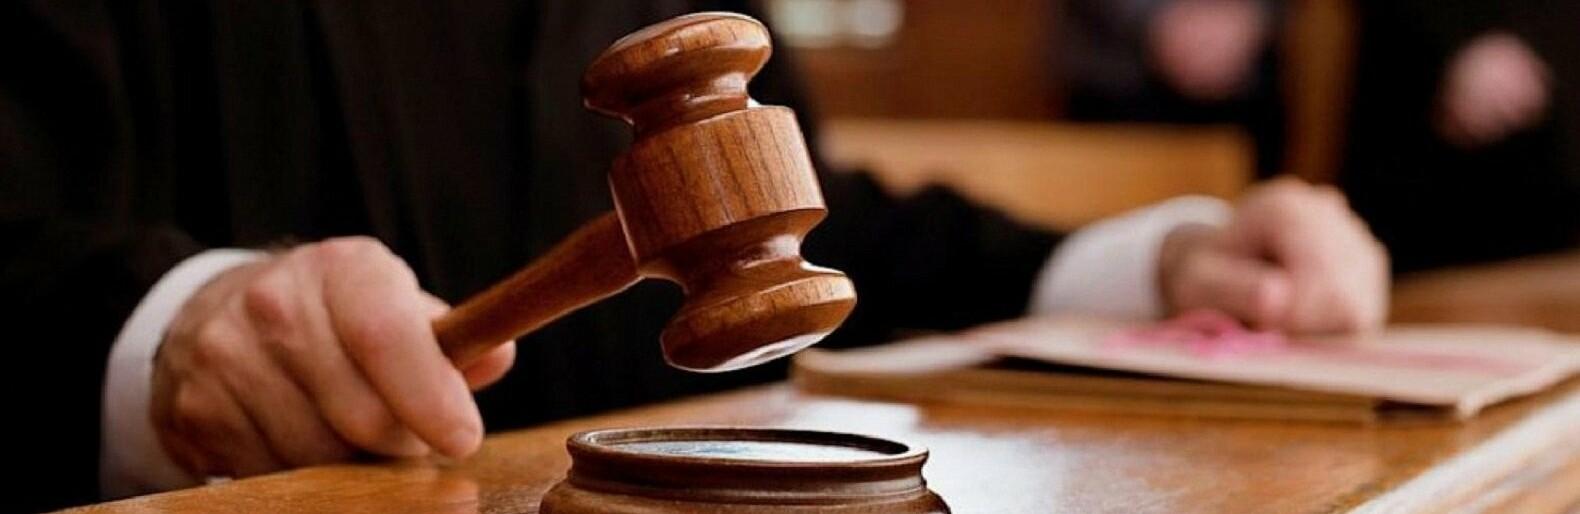 Двум экс-руководителям Казгидромета вынесли приговор